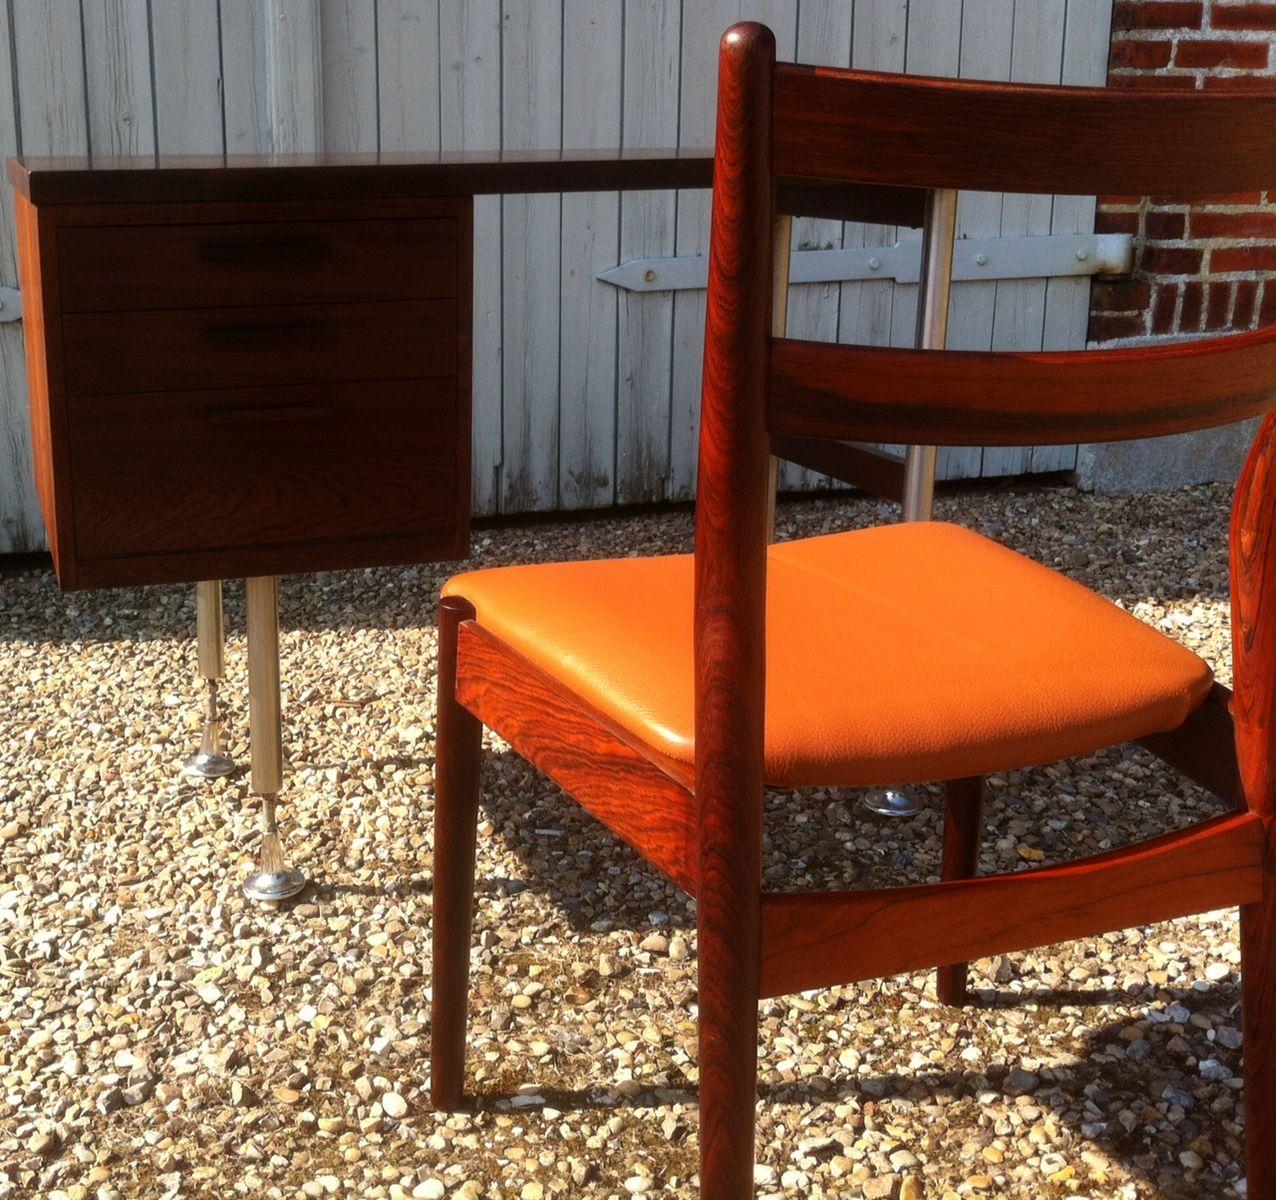 kleiner d nischer moderner palisander schreibtisch mit. Black Bedroom Furniture Sets. Home Design Ideas